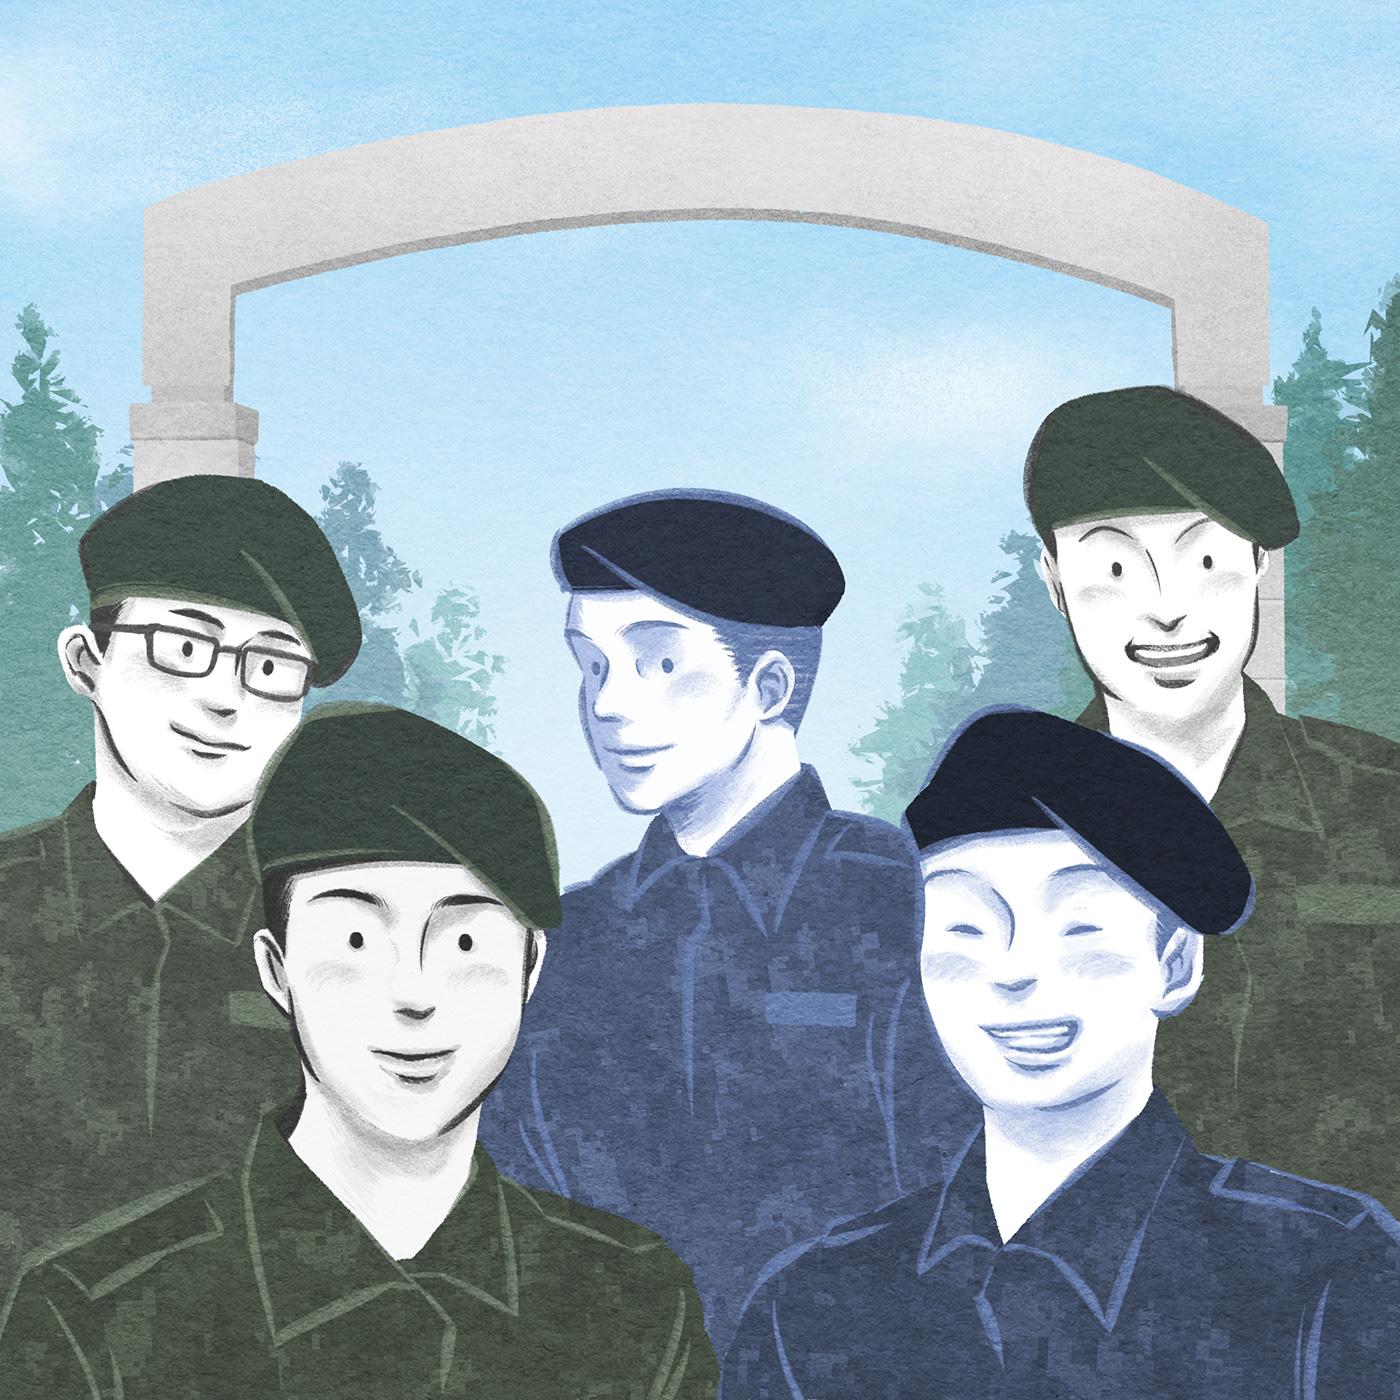 Image may contain: drawing, cartoon and human face